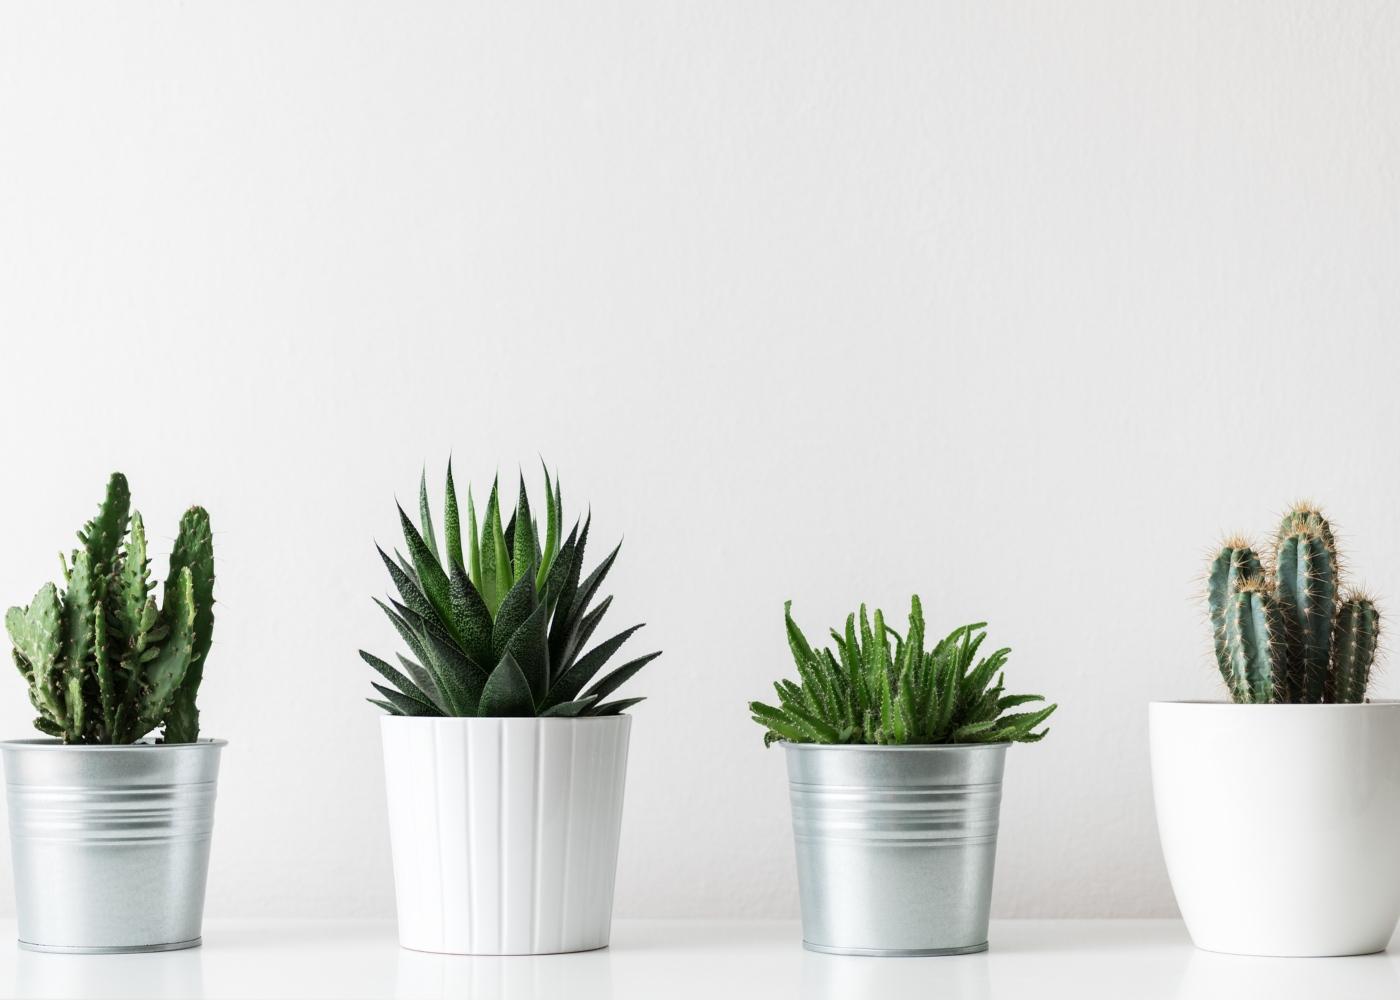 quatro vasos com catos diferentes